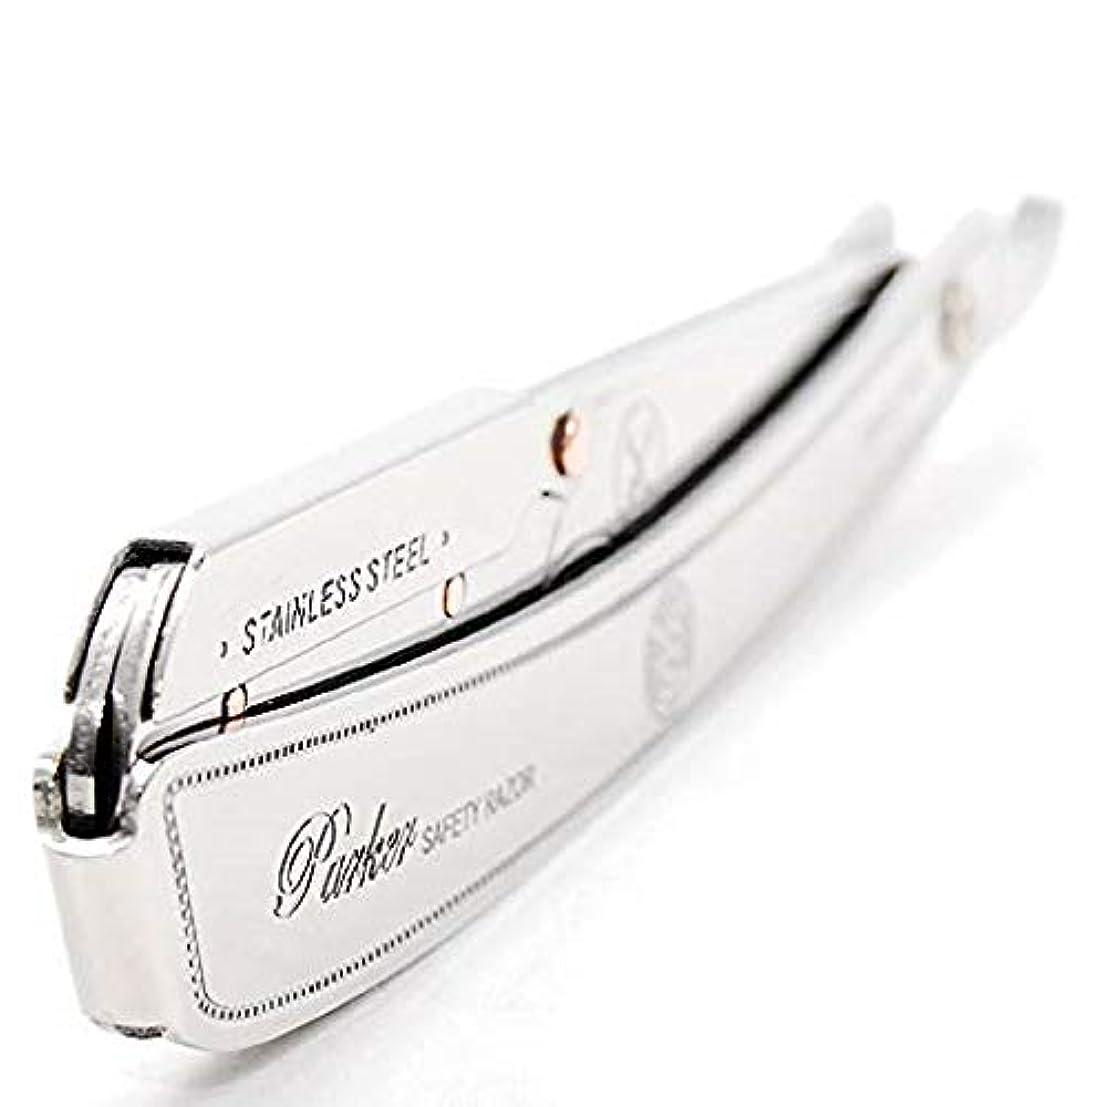 入札ピンクチャンスパーカー(Parker) SRX 剃刀 プロ用 替刃100枚の2点セット [並行輸入品]